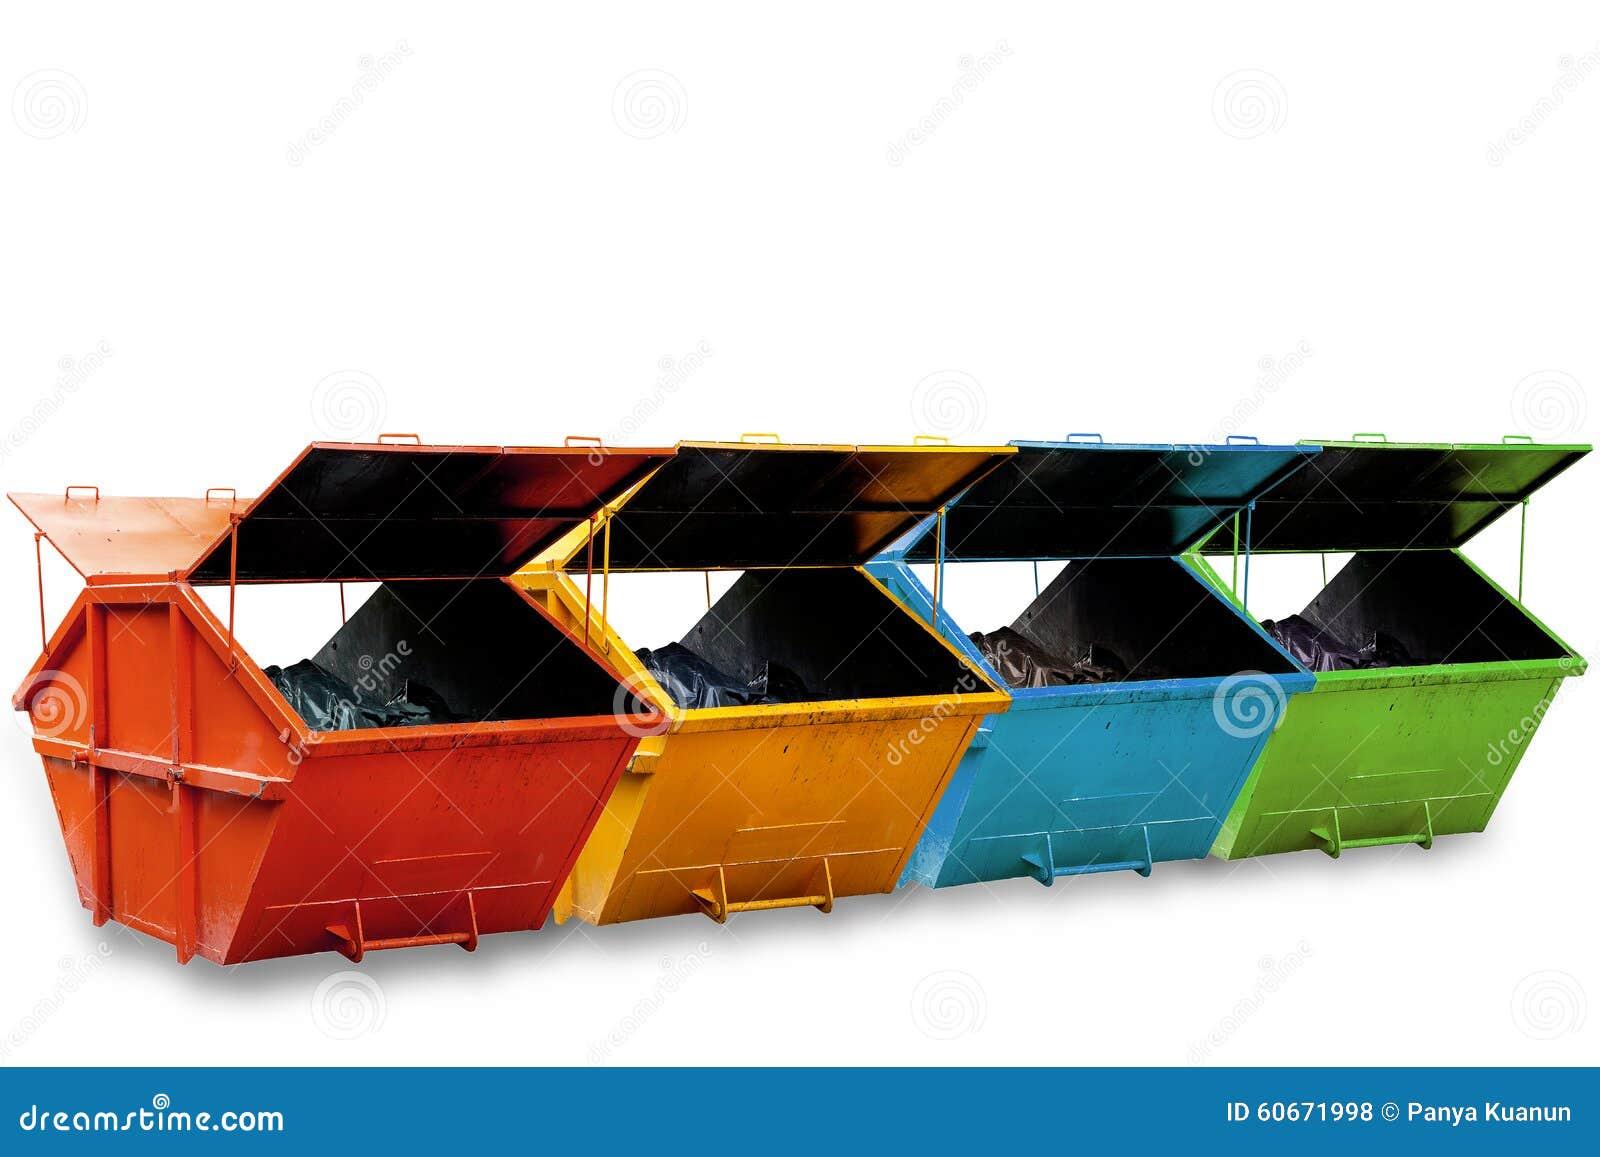 Cubo de la basura industrial contenedor para la basura - Cubos de basura industriales ...